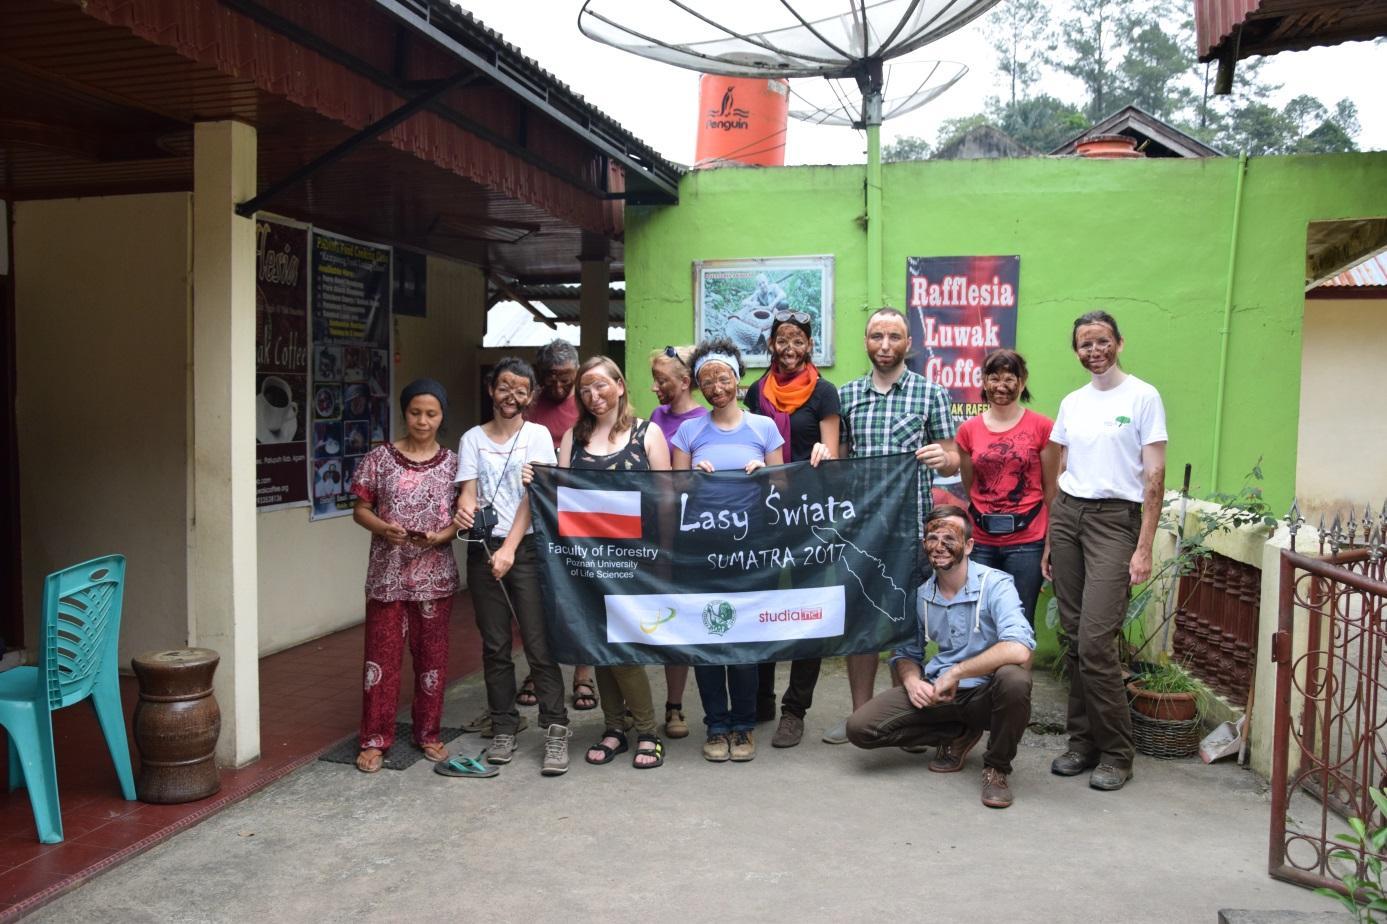 Zabieg odmładzający z kopi luwak w The House of Rafflesia Luwak Coffee fot. Blanka Wiatrowska